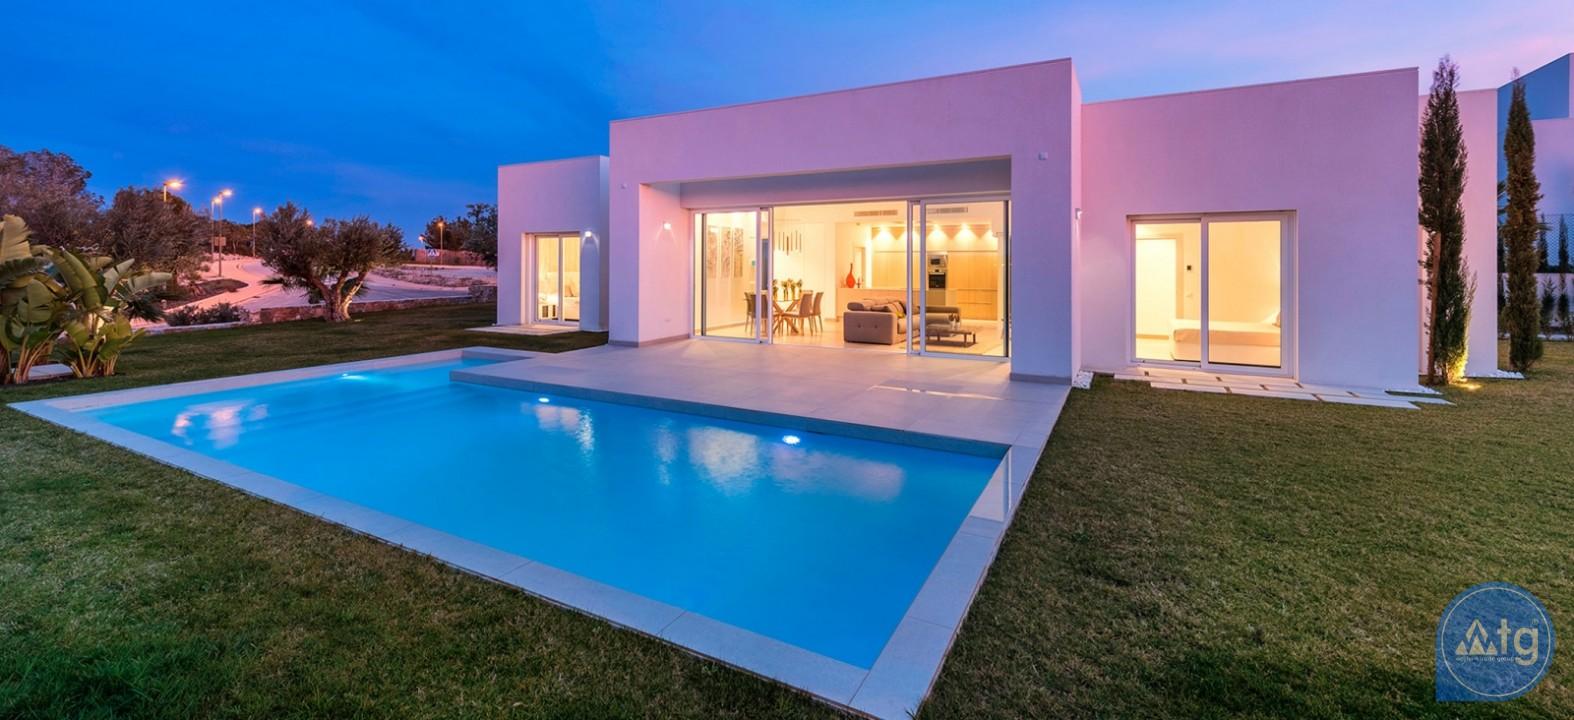 2 bedroom Apartment in Pilar de la Horadada - SR2616 - 3